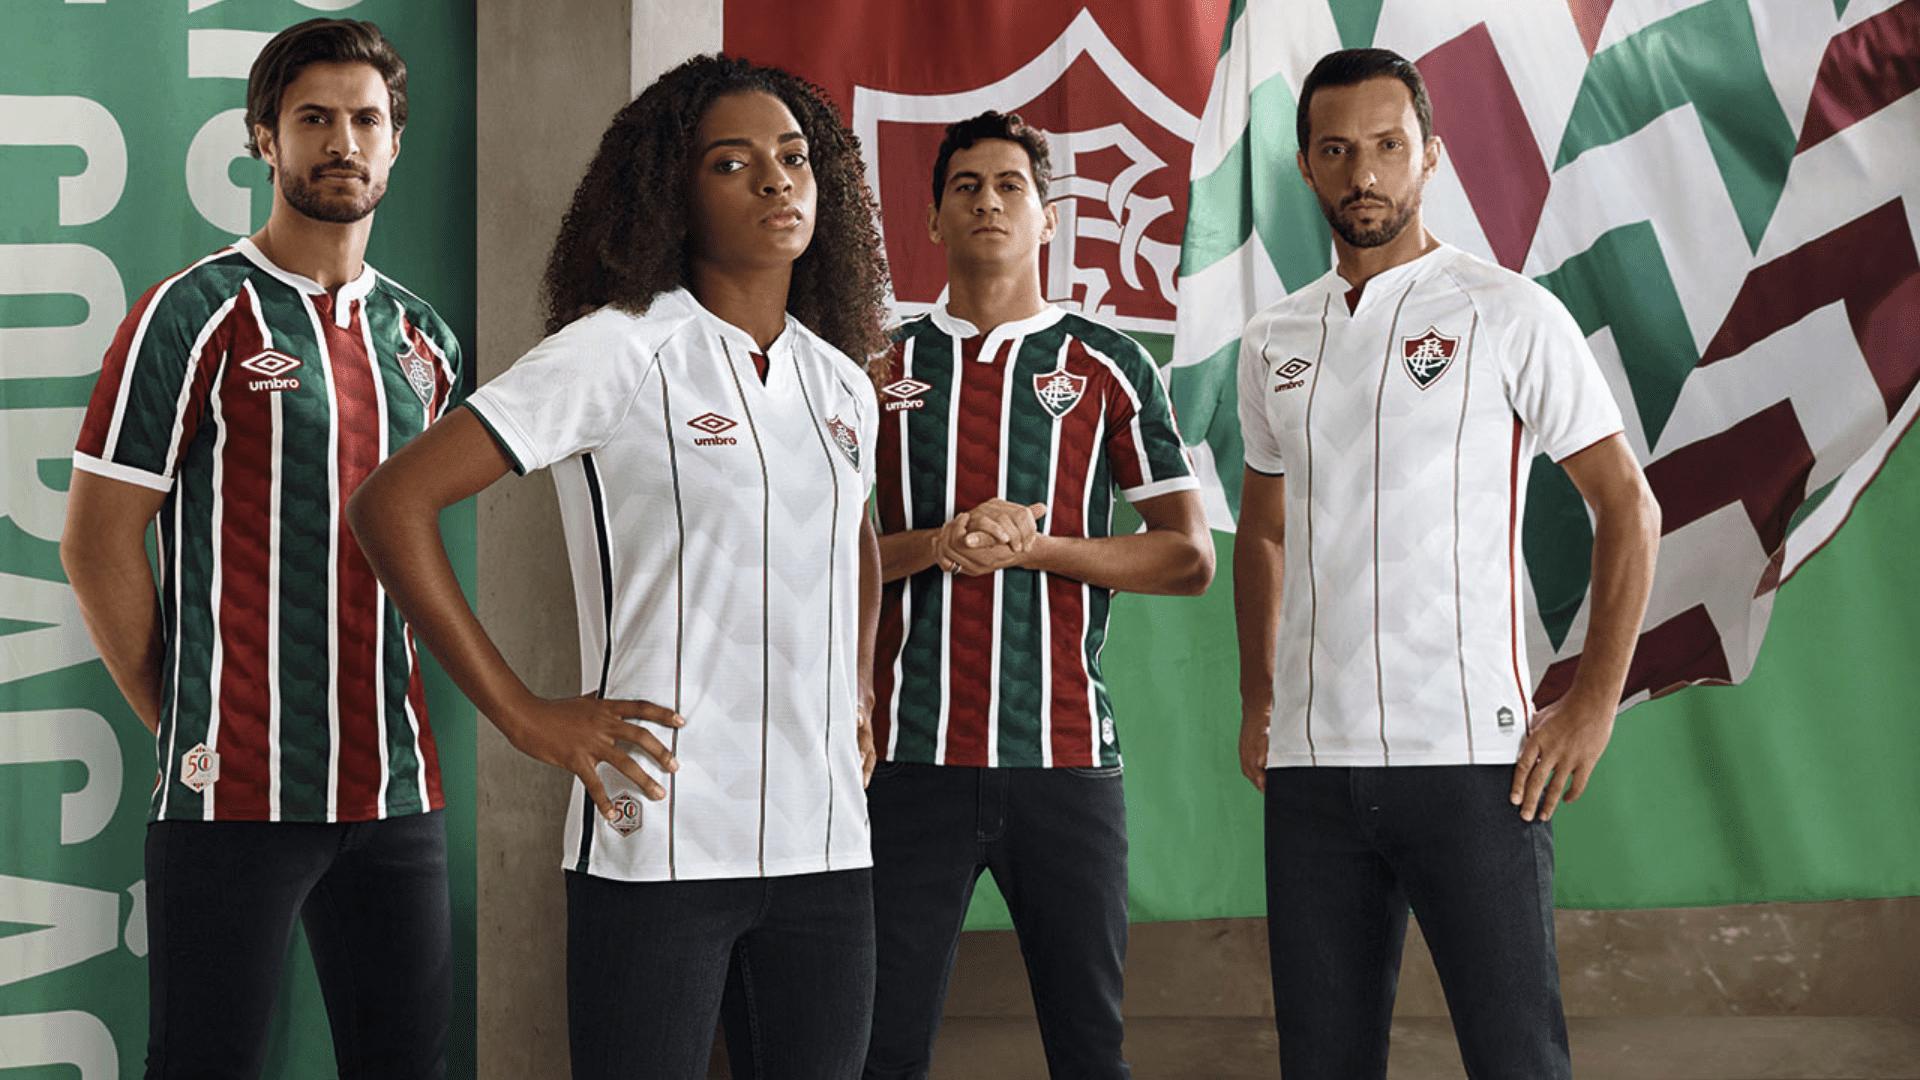 Conheça os modelos de camisa do Fluminense para comprar em 2021! (Imagem: Divulgação/Umbro)